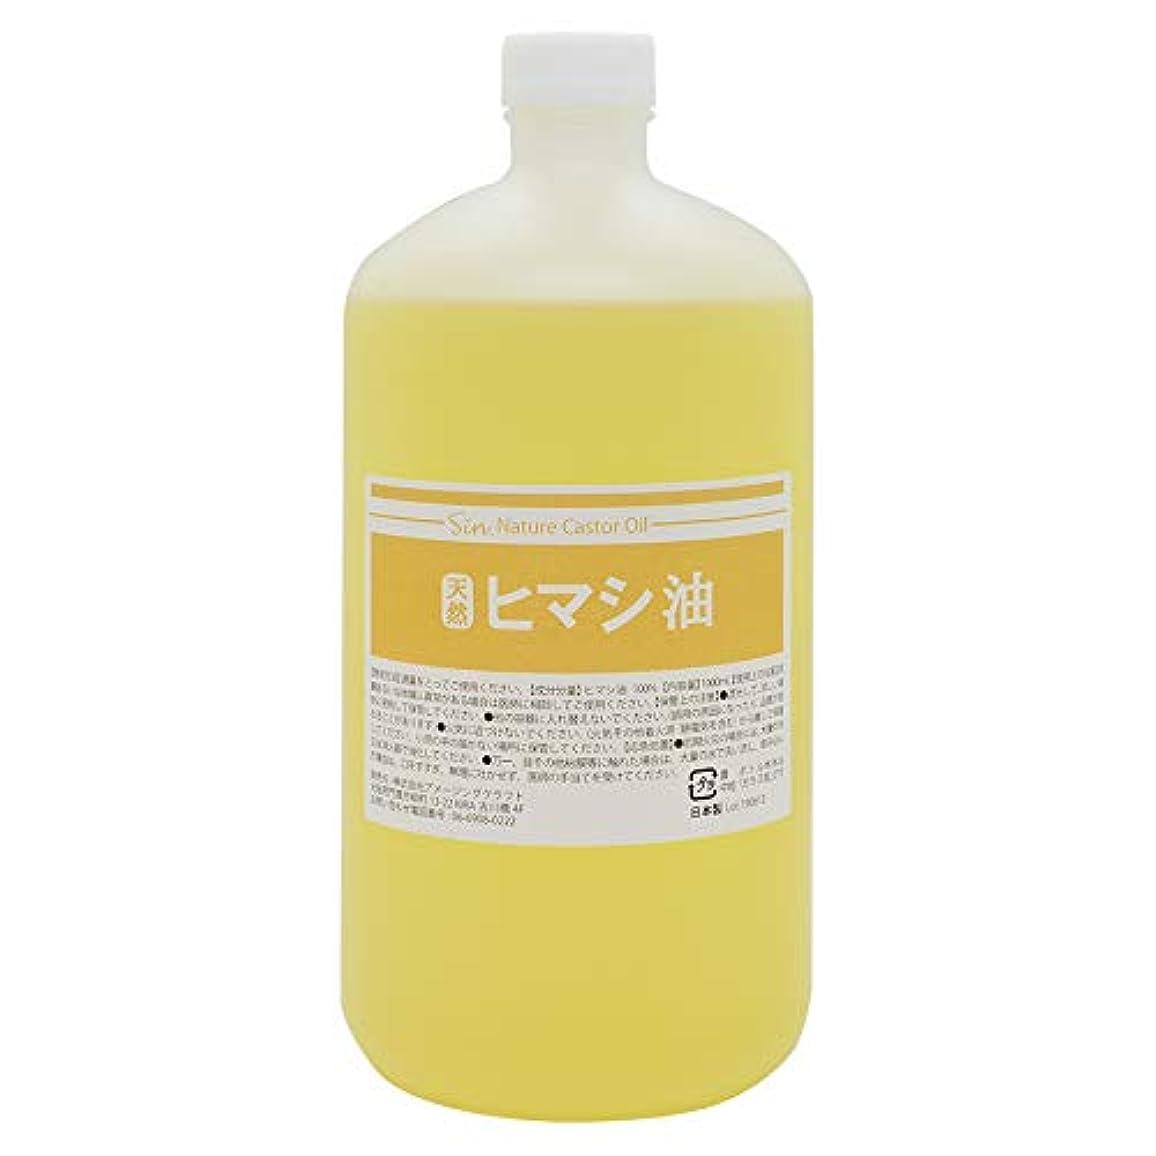 不注意発揮する反発天然無添加 国内精製 ひまし油 1000ml (ヒマシ油 キャスターオイル)